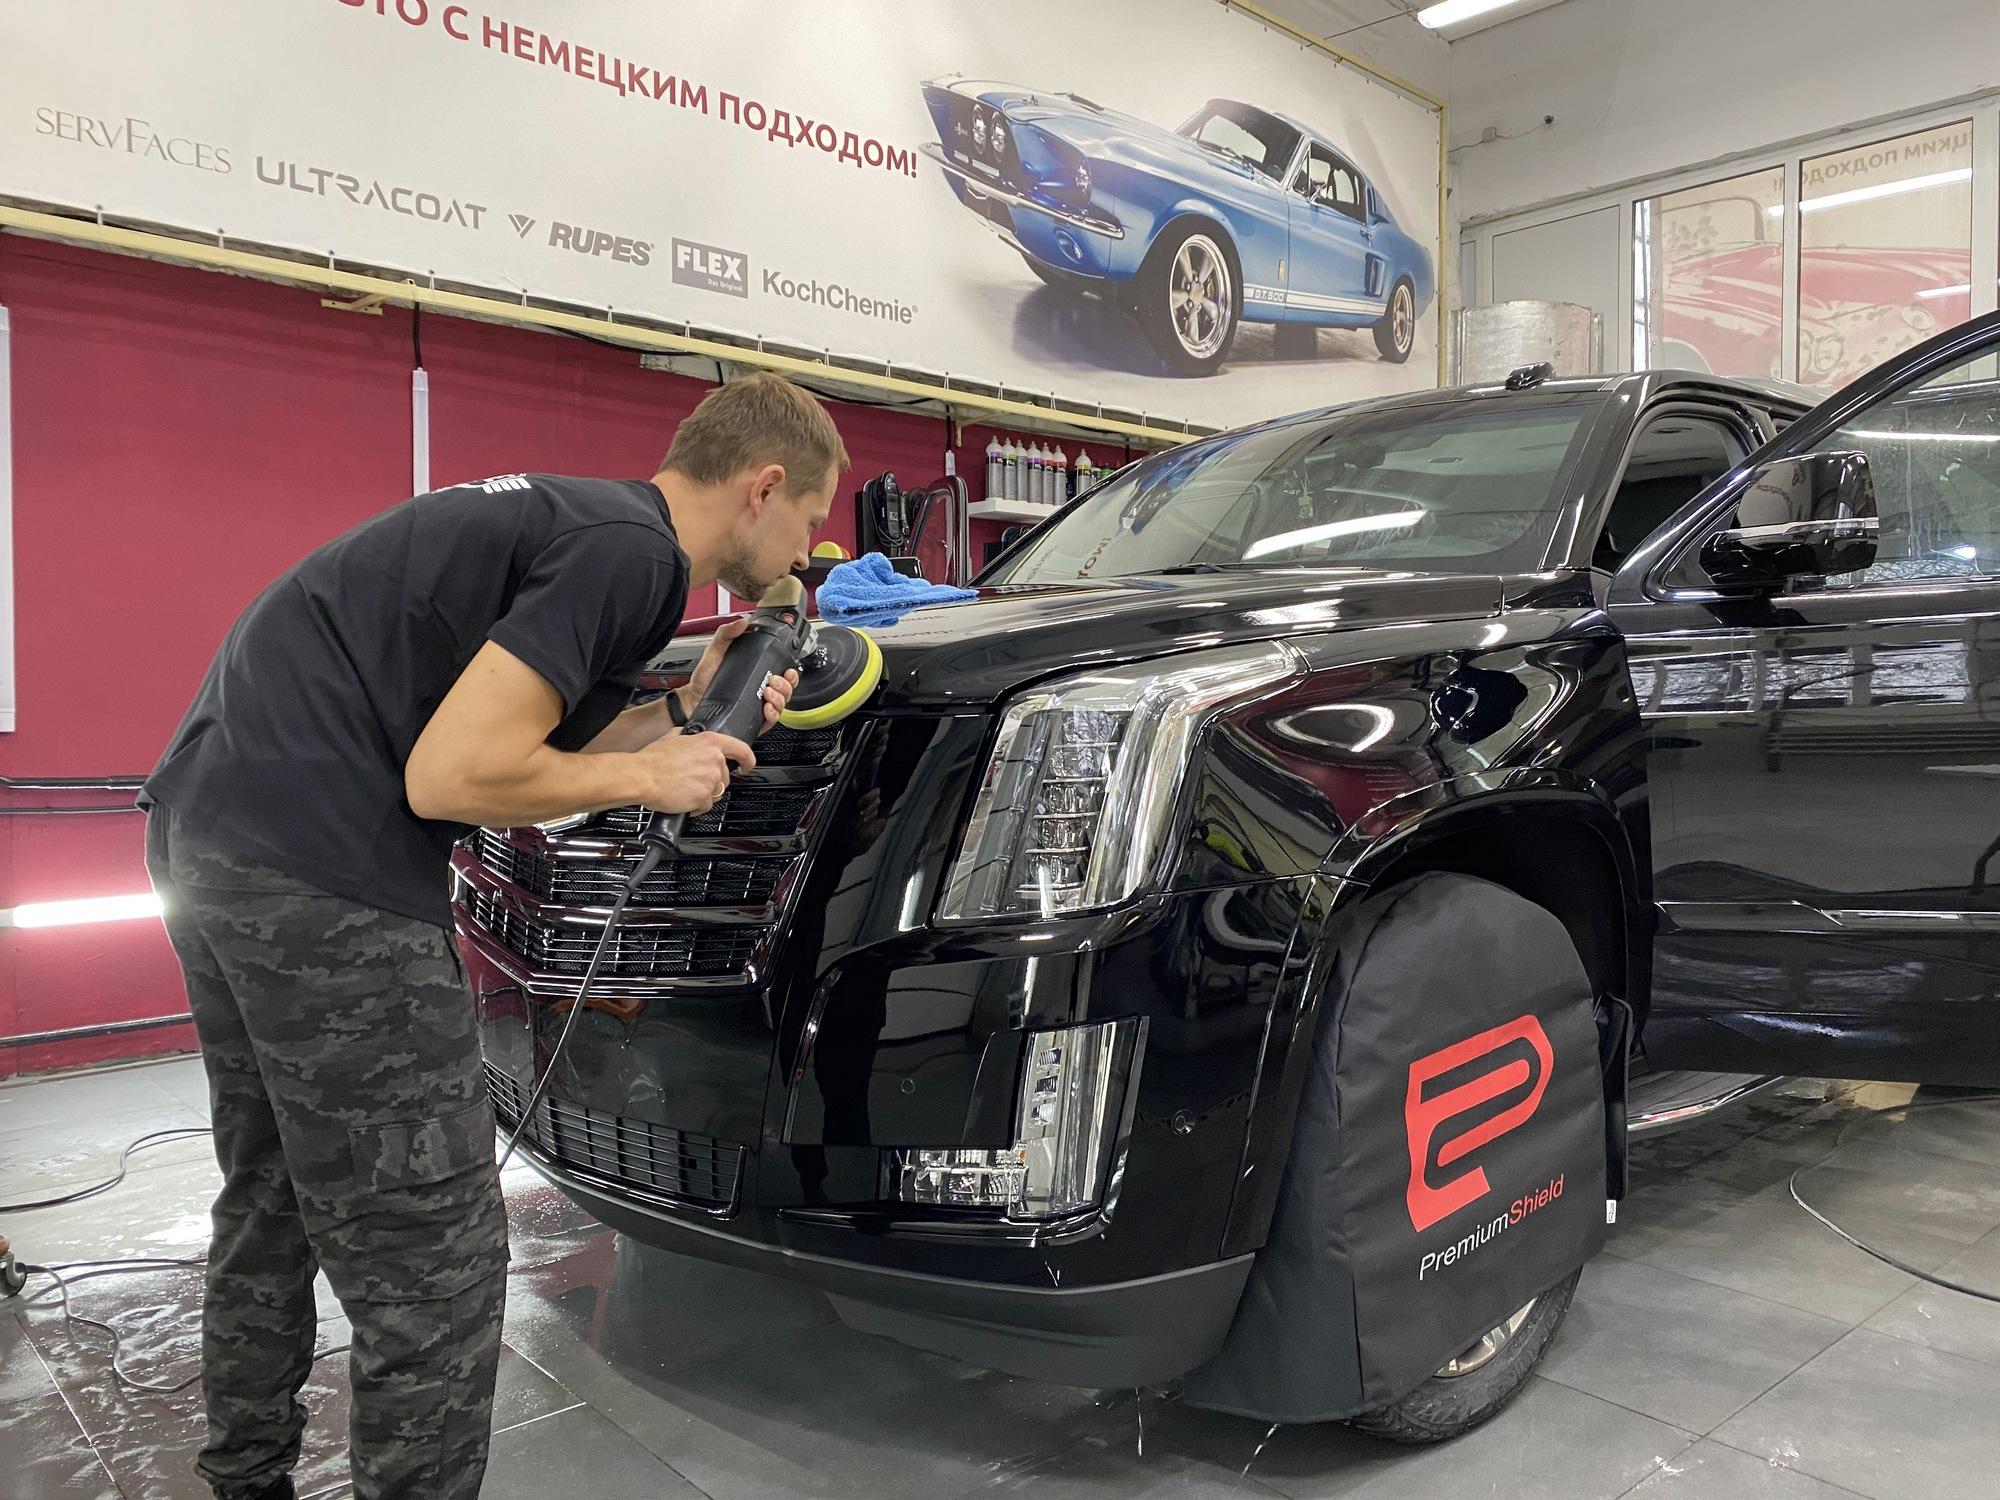 Смотреть на фото процесс полировки автомобиля Кадиллак машинкой Rupes.